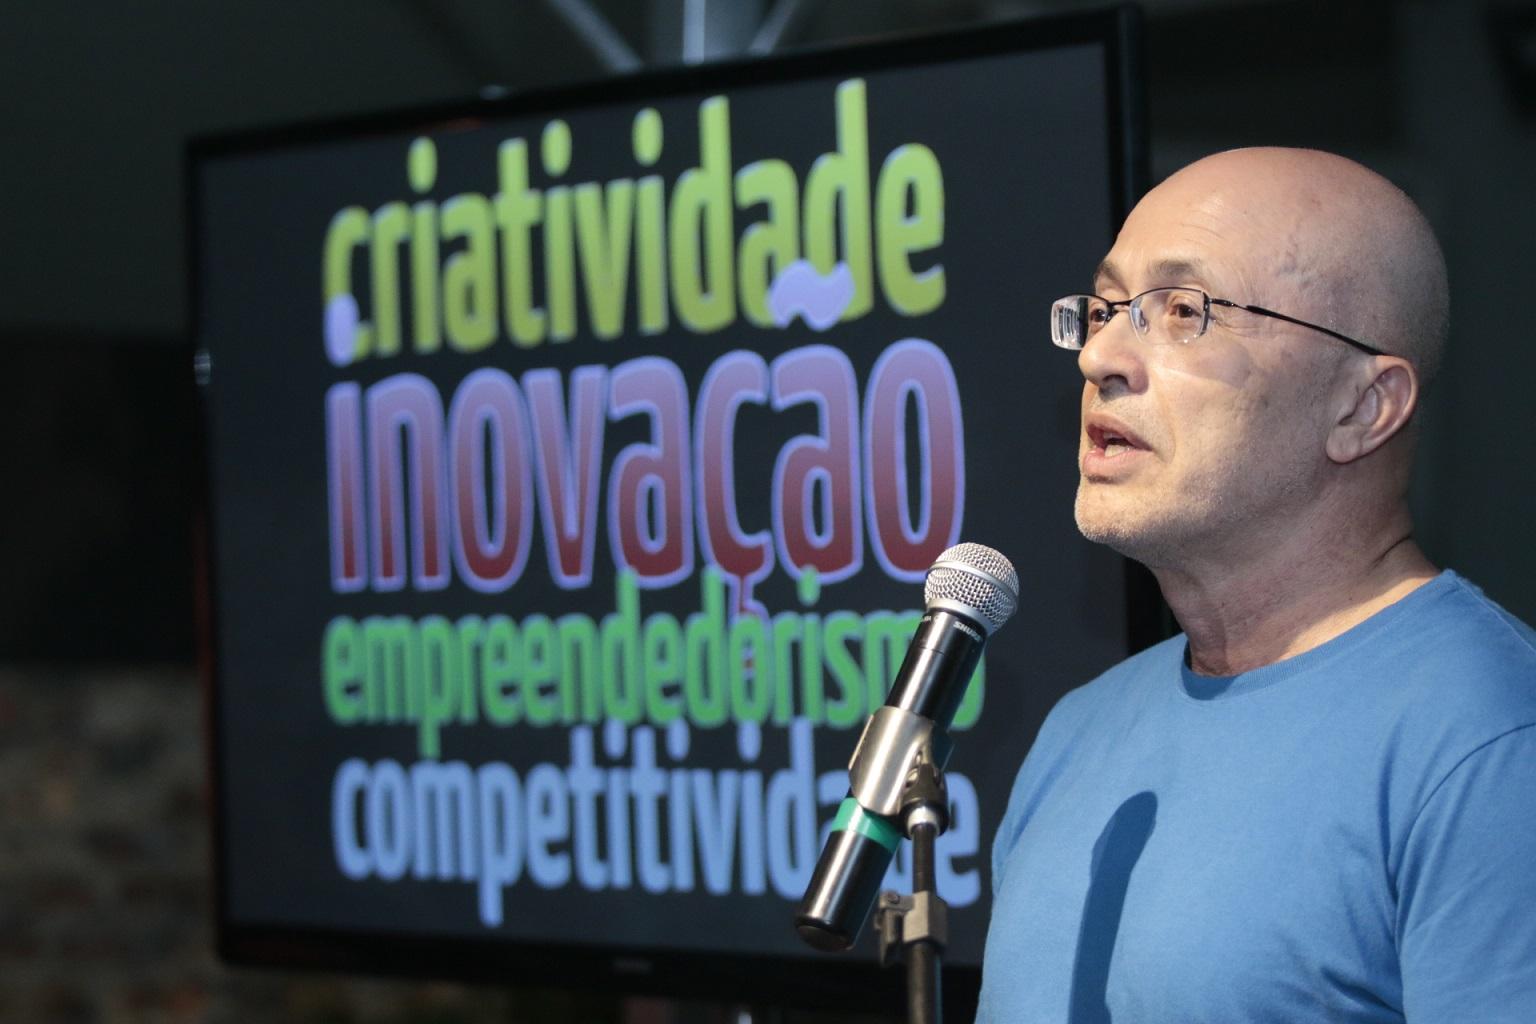 """Silvio Meira: """"O Brasil tem excesso de alunos de Direito e uma falta enorme de profissionais de computação"""". Foto Arquivo Pessoal"""